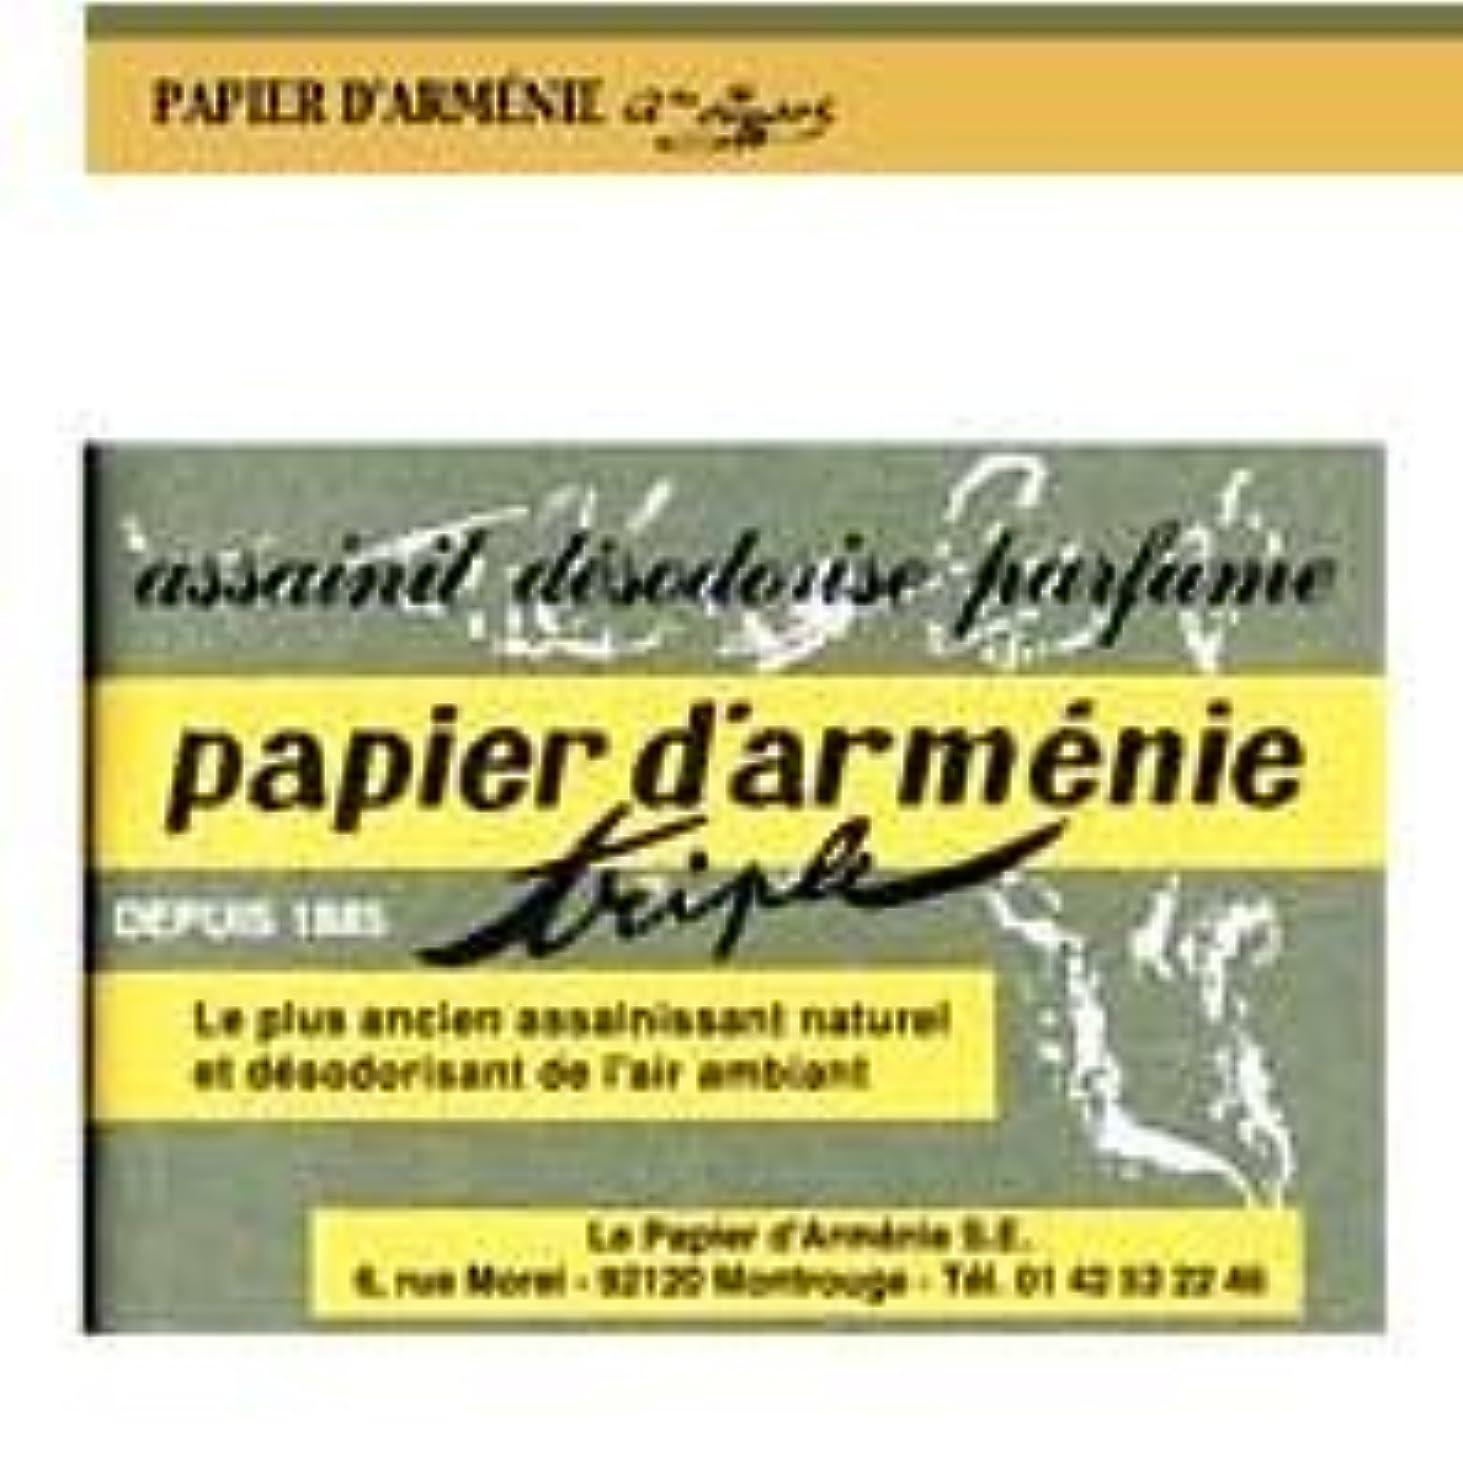 想起フクロウ翻訳者パピエダルメニイ 空気を浄化する紙のお香パピエダルメニイ トリプル ヨーロッパ雑貨